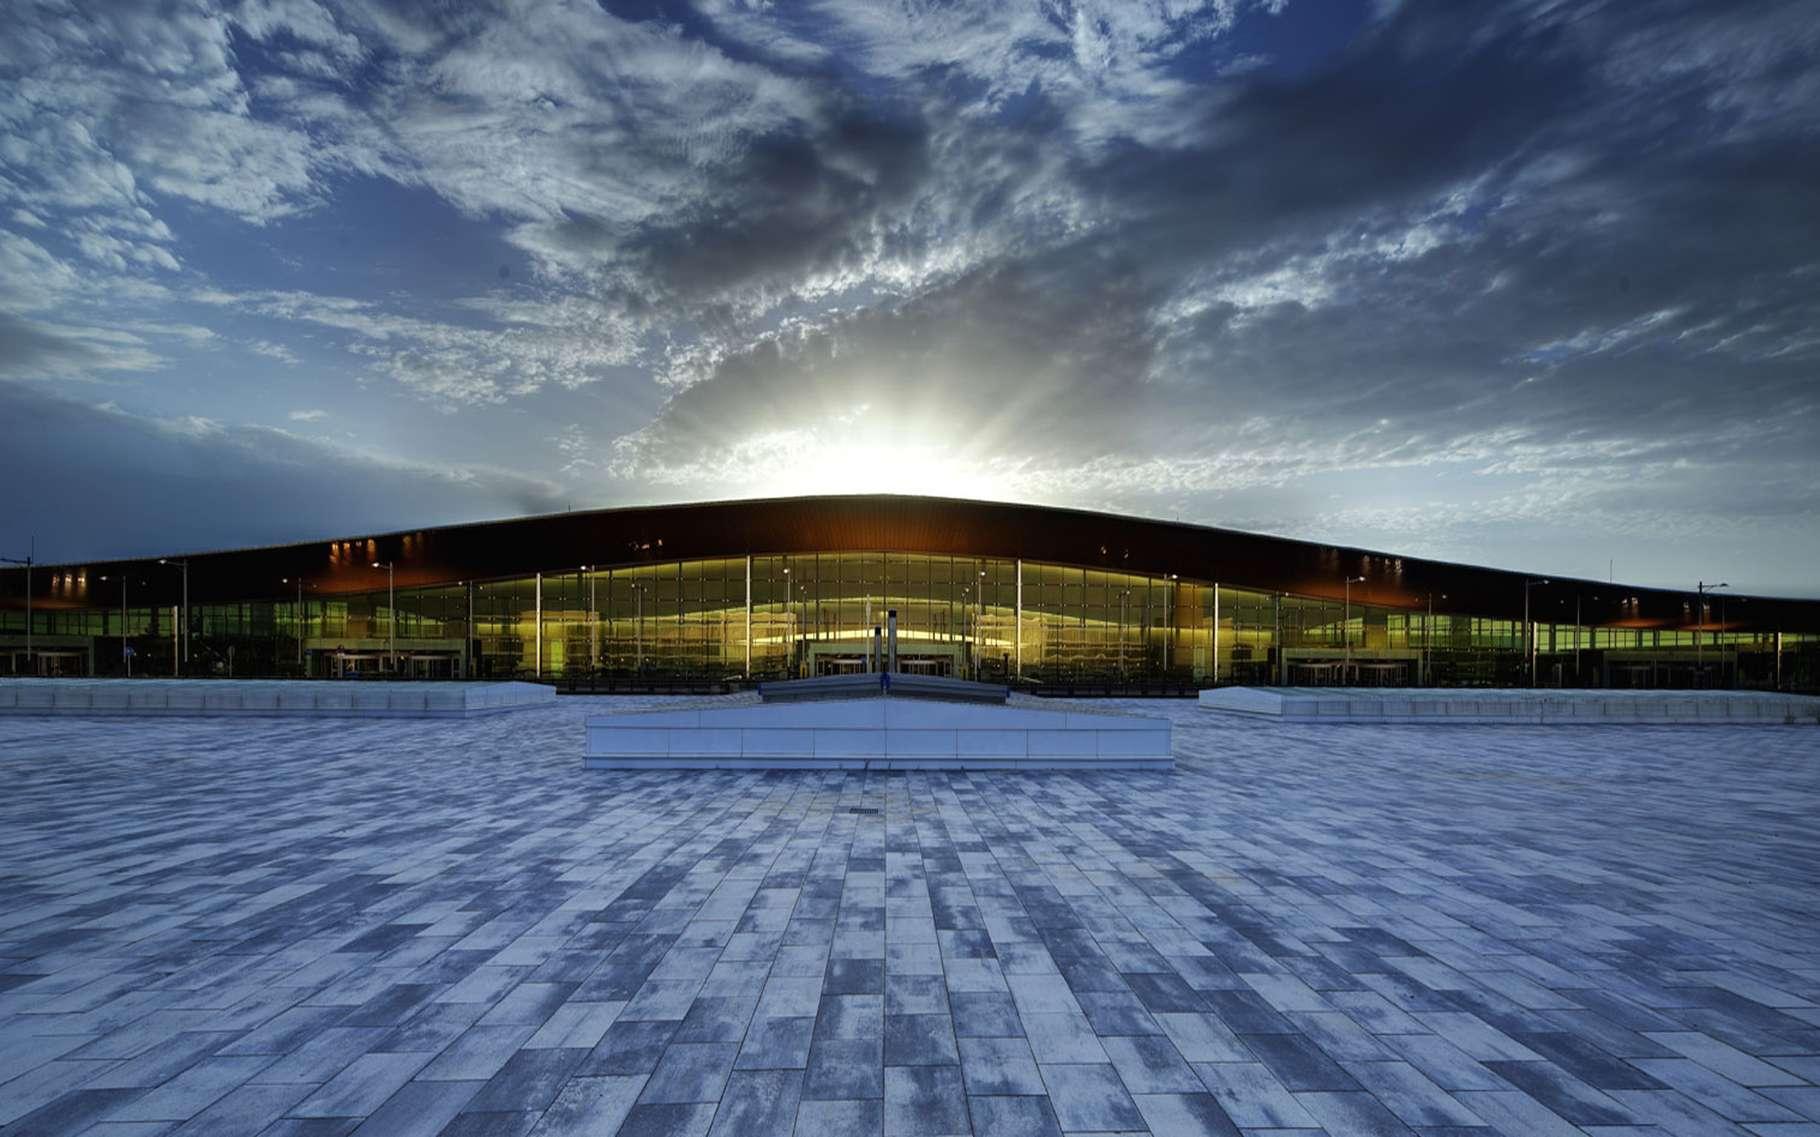 Le terminal 1 de l'aéroport de Barcelone (Espagne) a été inauguré en 2010. Il est l'œuvre — tout comme le terminal 2 — de l'architecte espagnol Ricardo Bofill. Sa forme générale ondulée rappelle tout simplement celle d'un avion. Et grâce à des murs totalement en verre, il est littéralement inondé de lumière naturelle. Imaginé dans un souci de durabilité, le toit en aluminium du bâtiment est équipé d'une centaine de panneaux solaires qui permettent de chauffer 70 % de l'eau utilisée dans ce terminal. © RBTA Marketing Team, Wikimedia, CC0